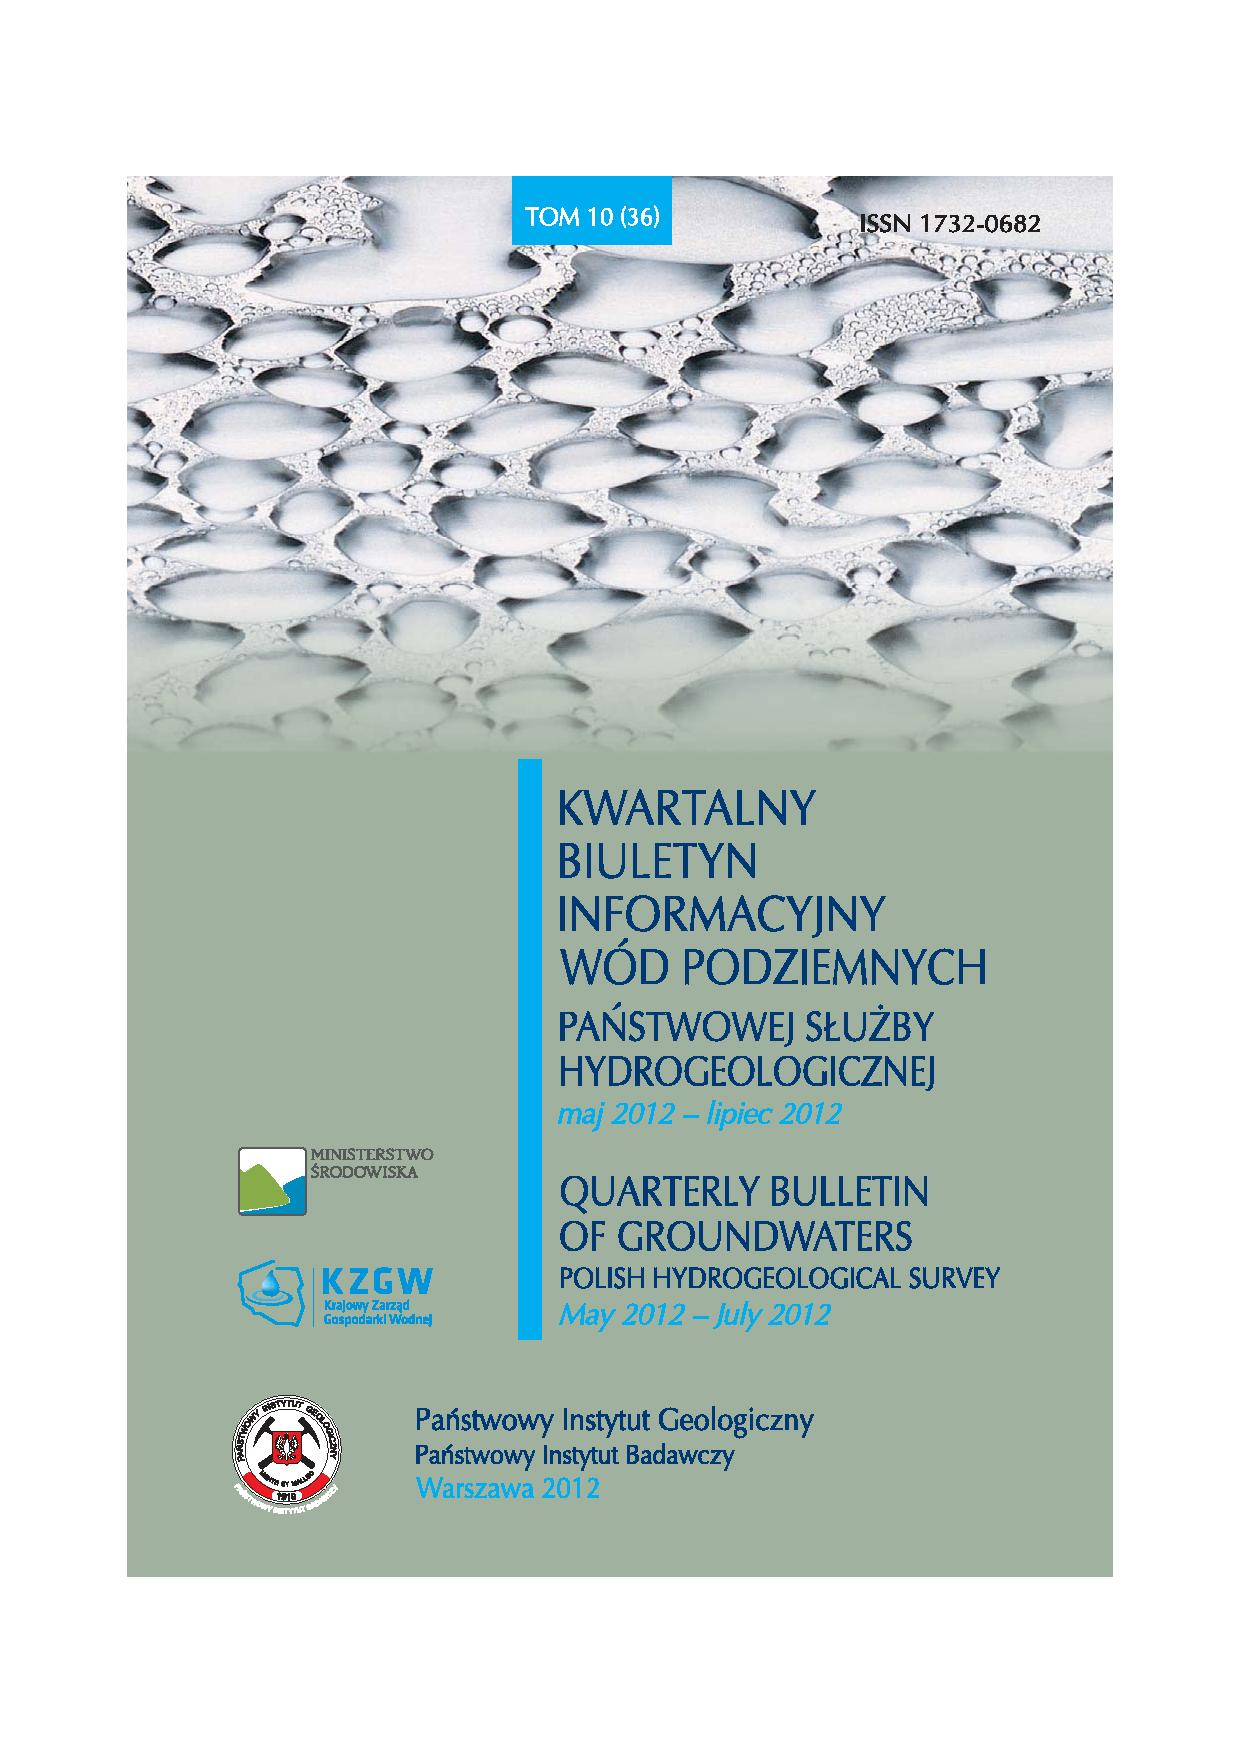 Kwartalny Biuletyn Informacyjny Wód Podziemnych TOM 10(36) maj - lipiec 2012